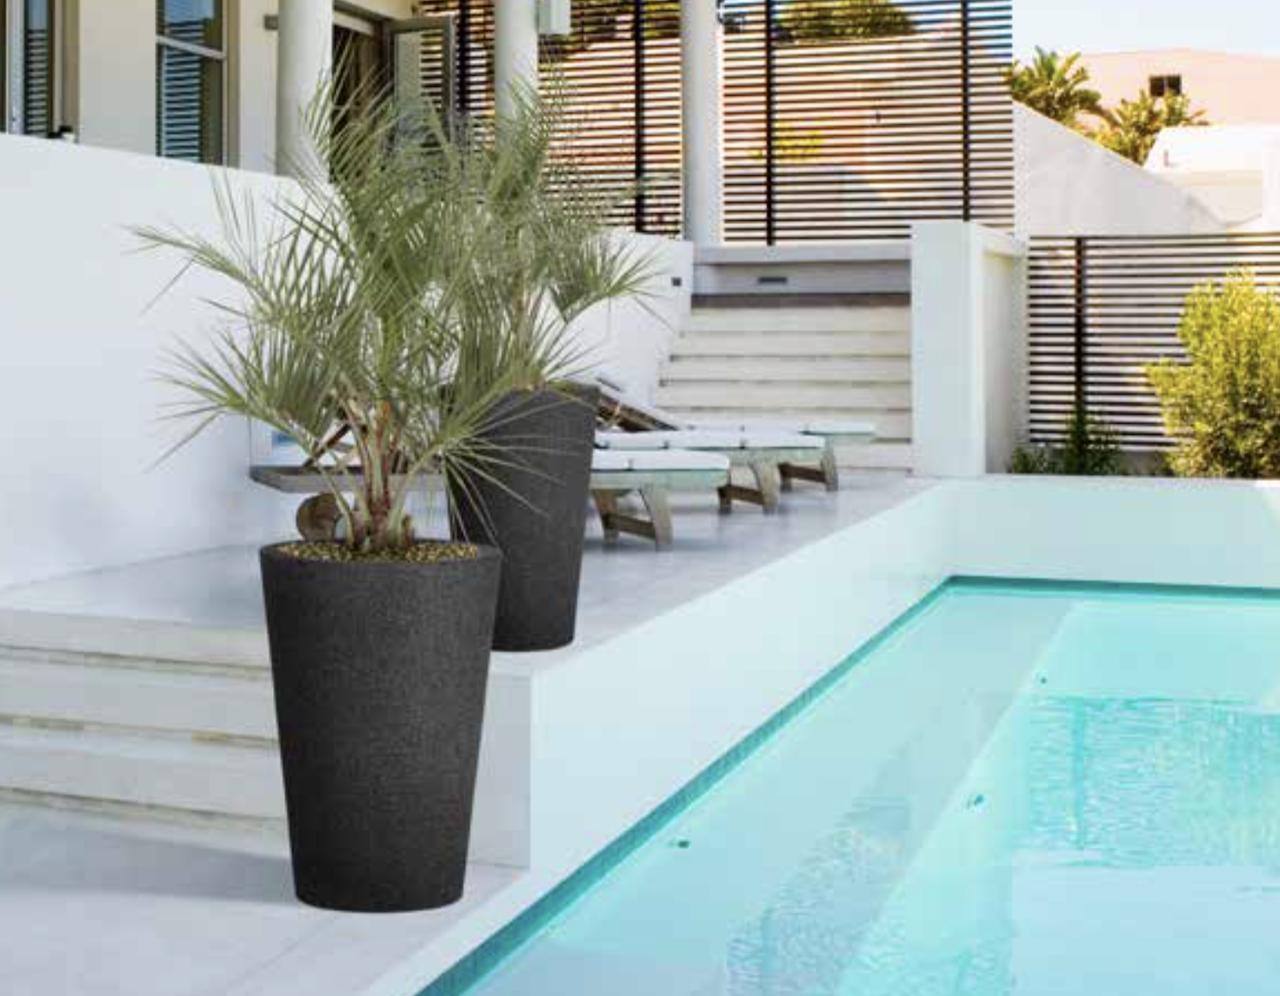 Wysokie Mrozoodporne Donice Do Ogrodu Na Balkon I Taras Outdoor Decor Outdoor Home Decor